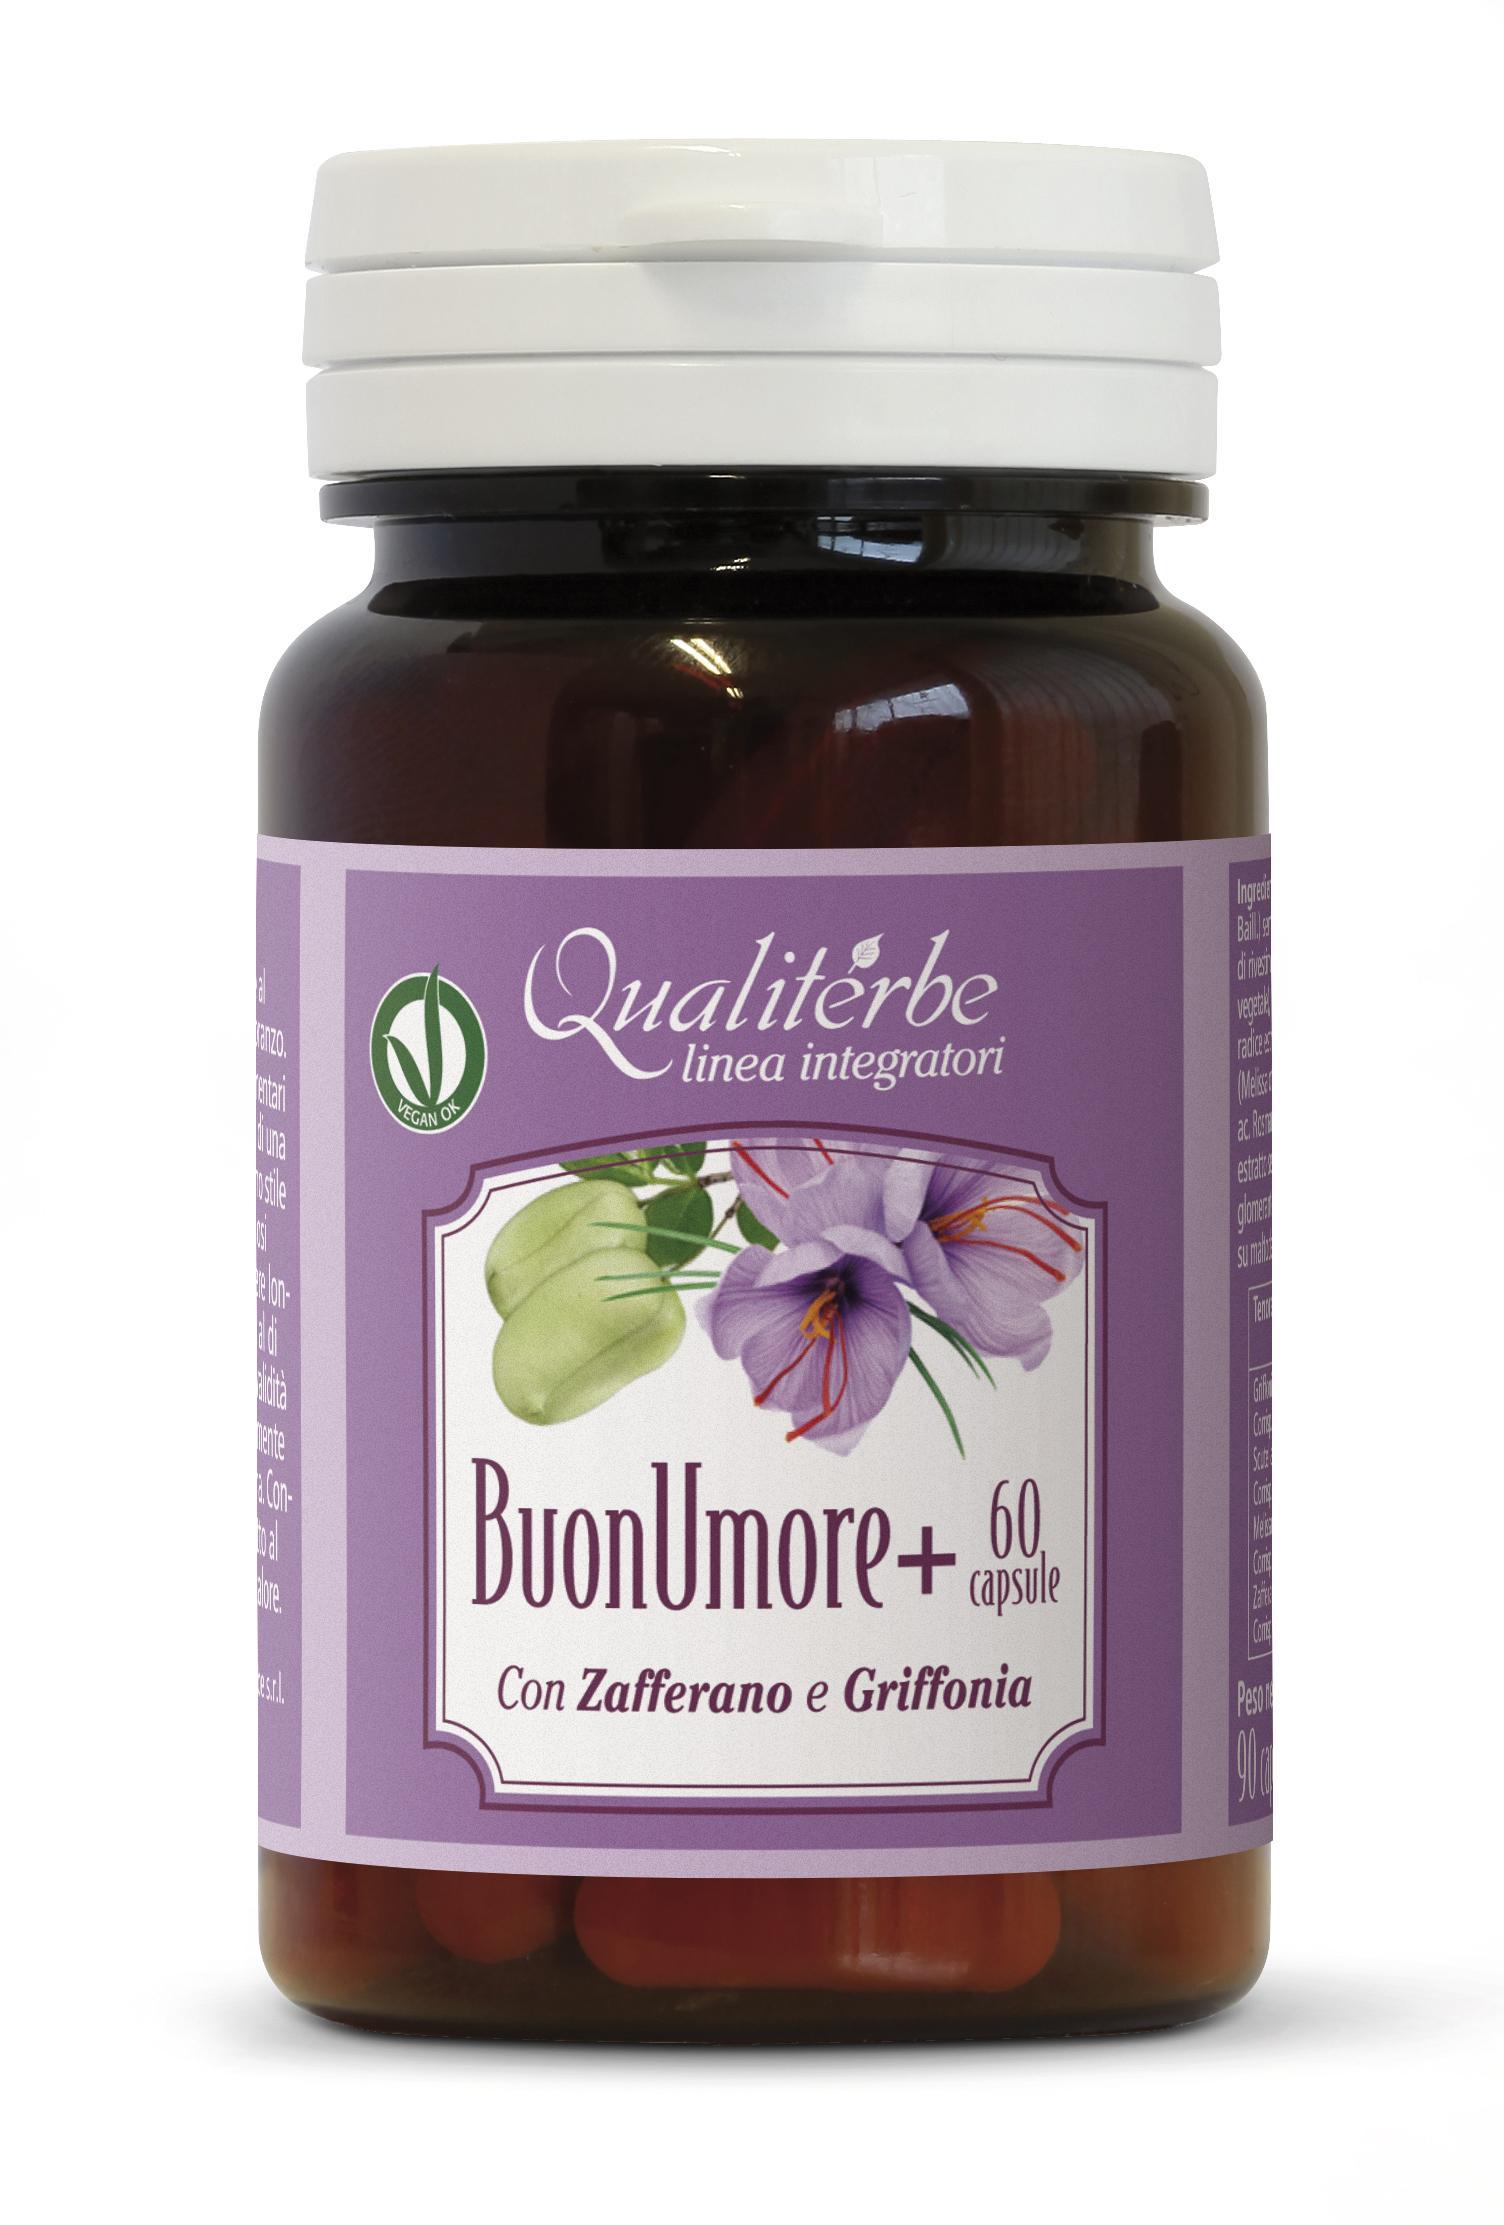 Buonumore + 60 Cps Migliora il tono dell'umore